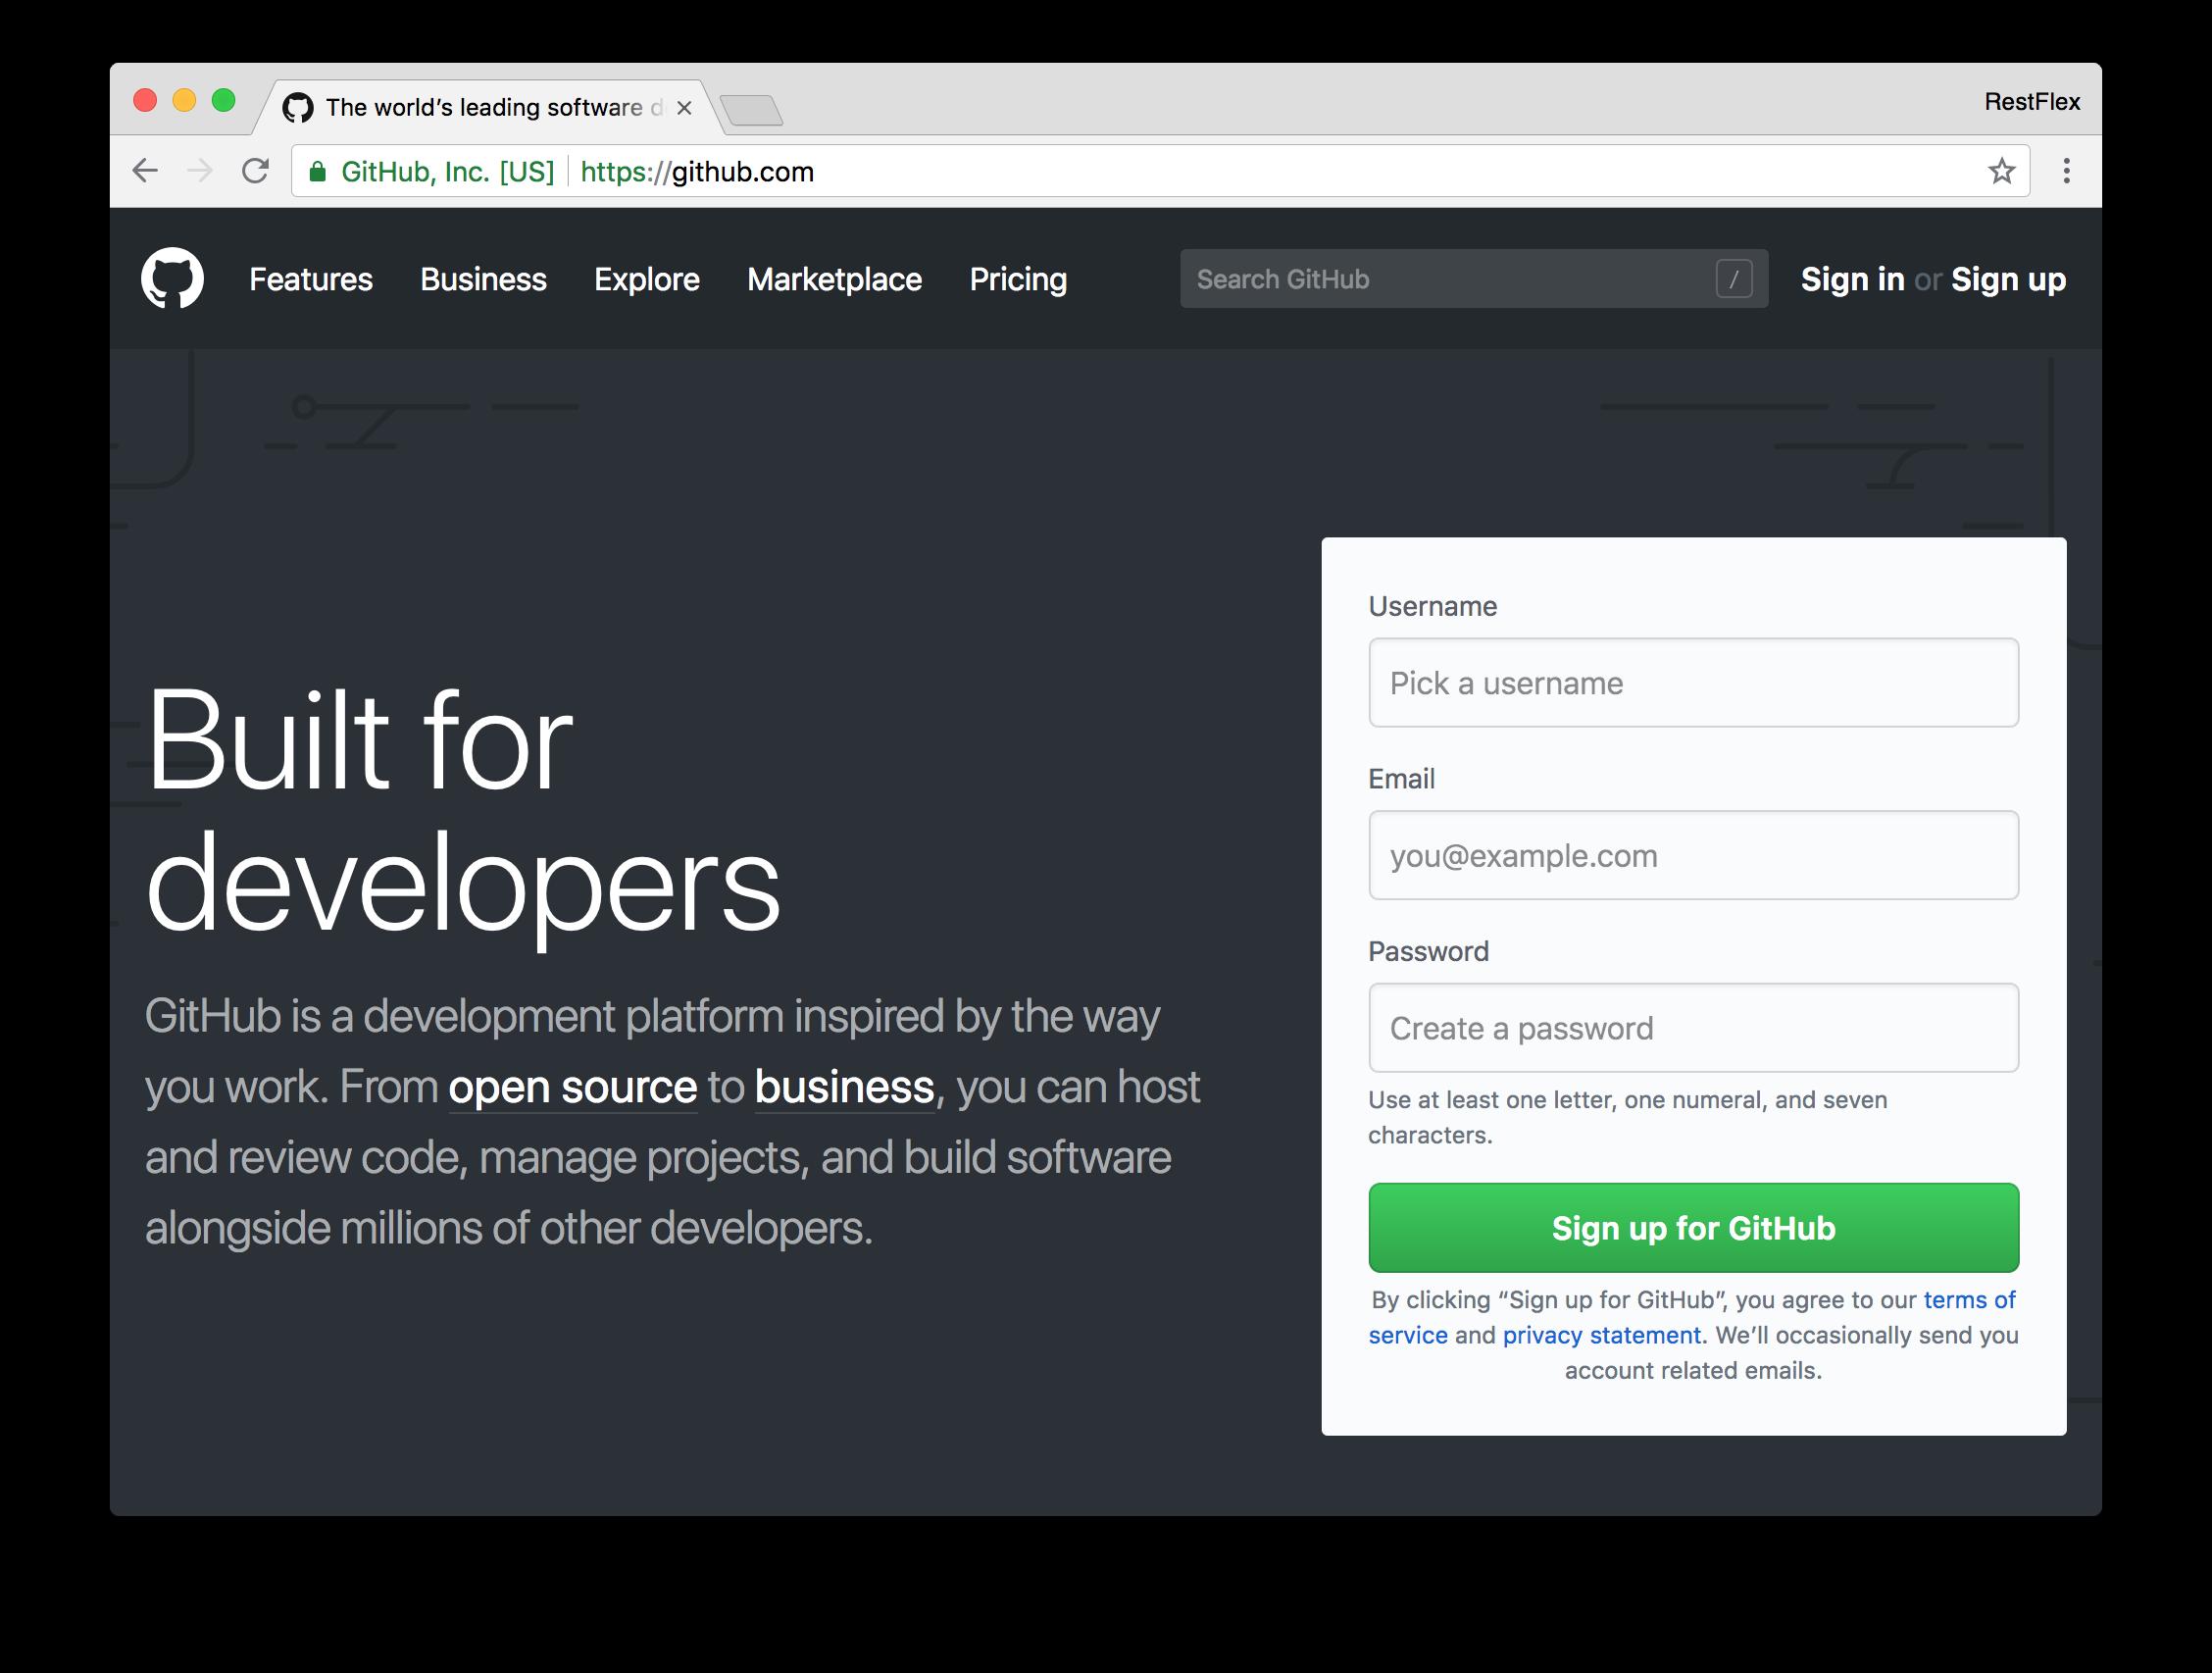 Creating a GitHub account - Github.com signup form